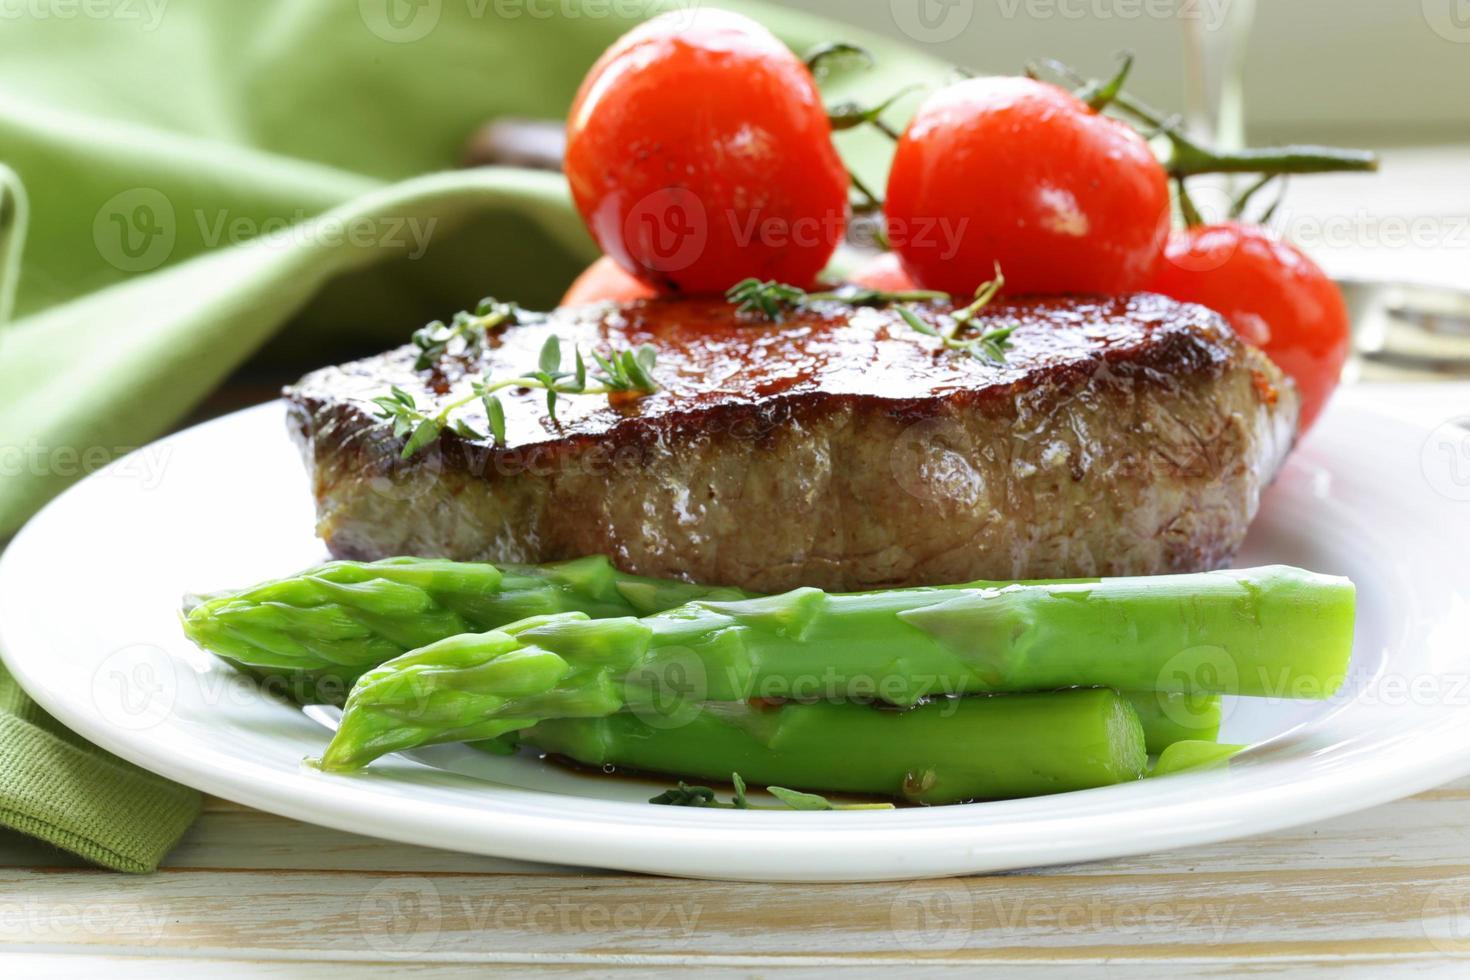 bistecca di manzo alla griglia con contorno di verdure (asparagi e pomodori) foto